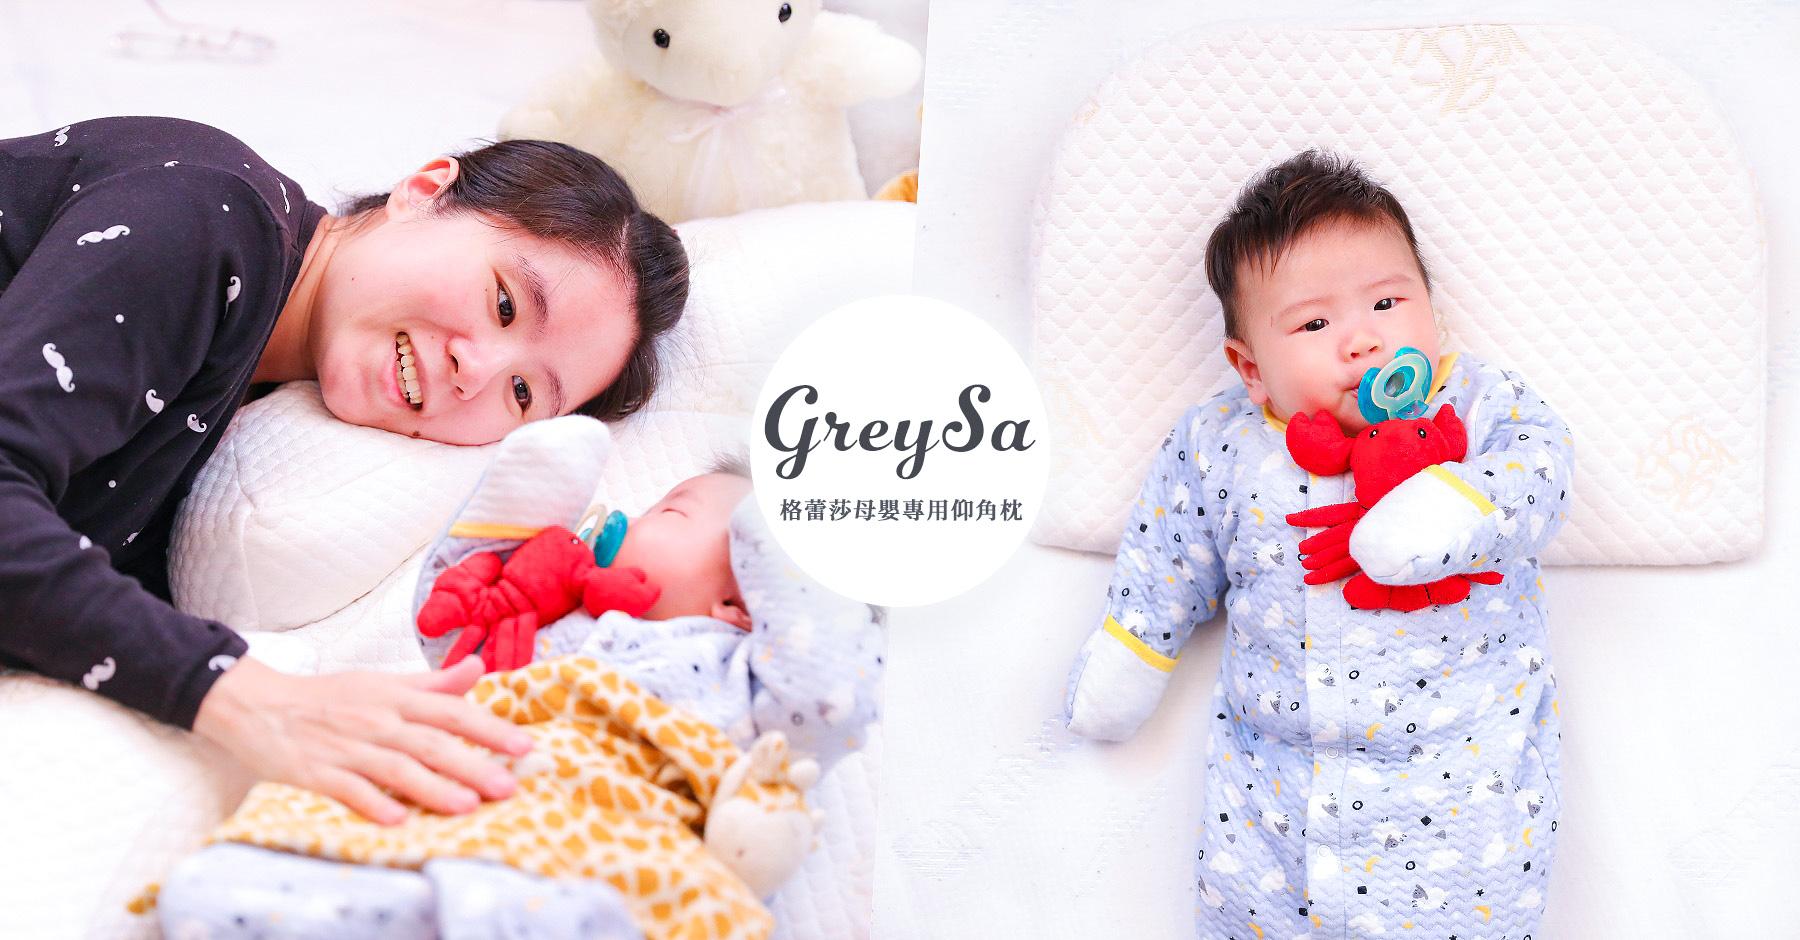 育兒好物推薦 GreySa格蕾莎母嬰專用仰角枕 開箱評價孕期托腹防溢乳吐奶斜坡枕